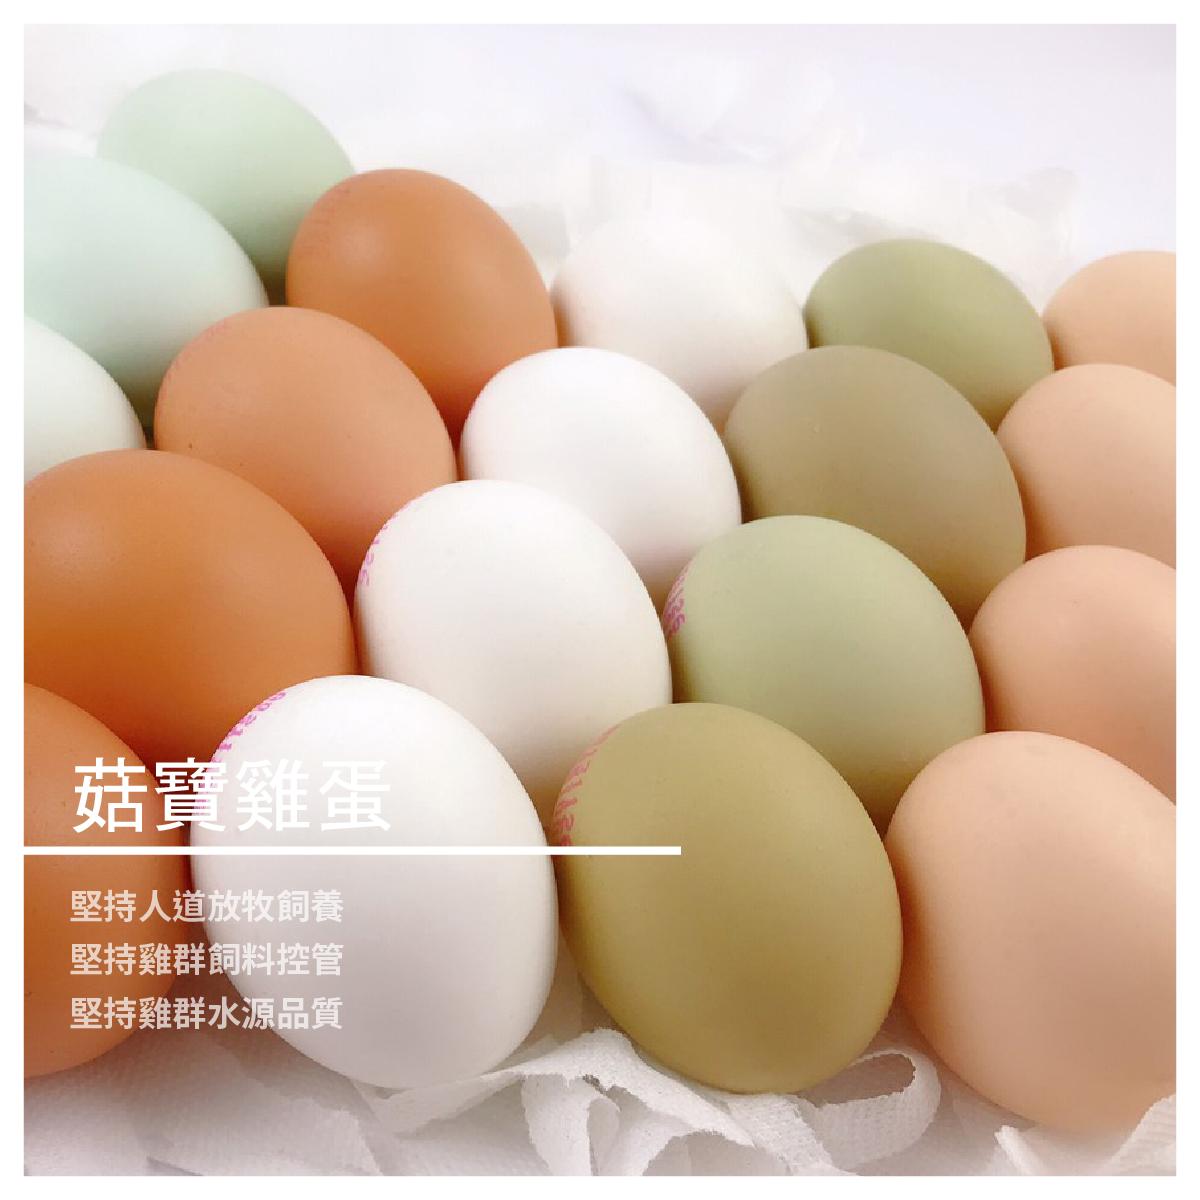 【御品園蛋品行】菇寶雞蛋 30入/盒